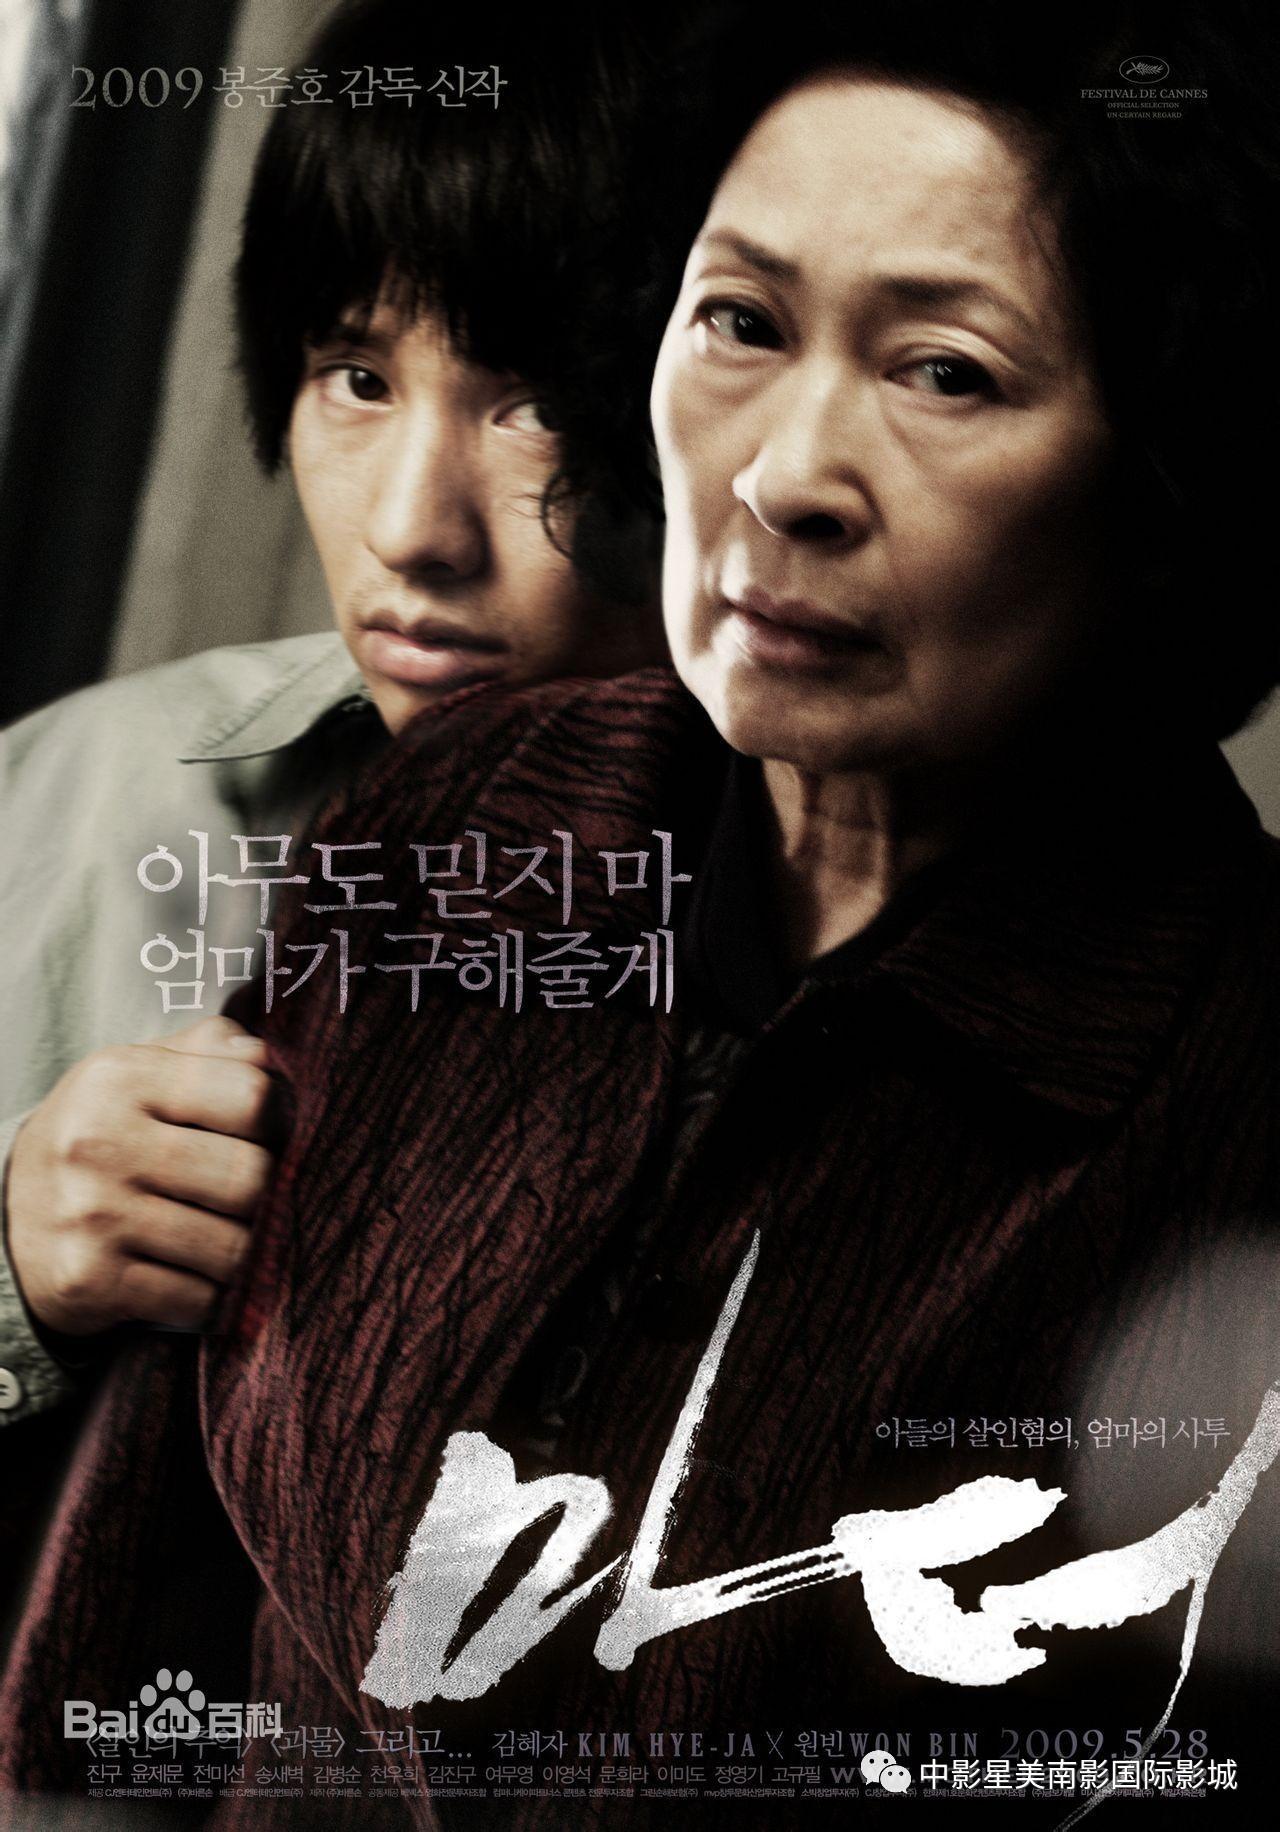 电影中那令人难忘的母亲 母亲节快乐